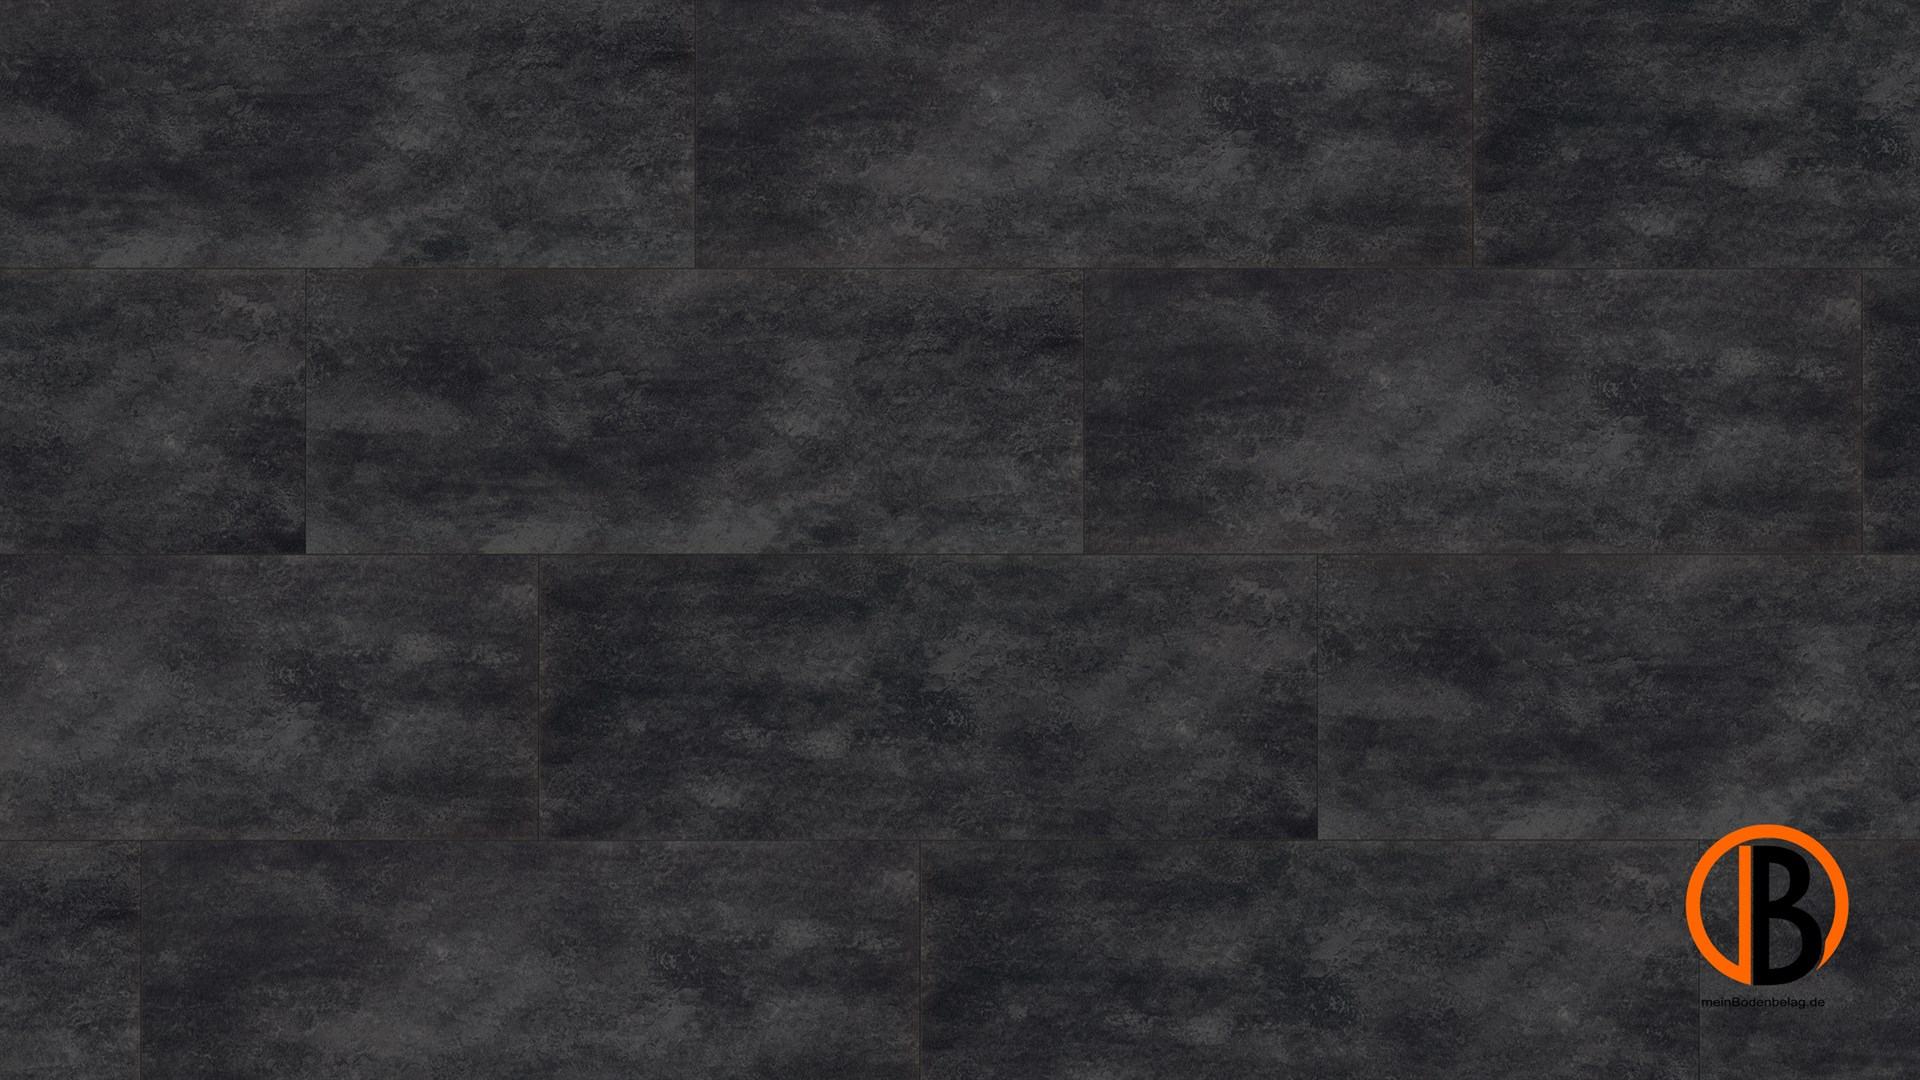 CINQUE KWG DESIGNERVINYL ANTIGUA STONE HYDROTEC | 10000374;0 | Bild 1